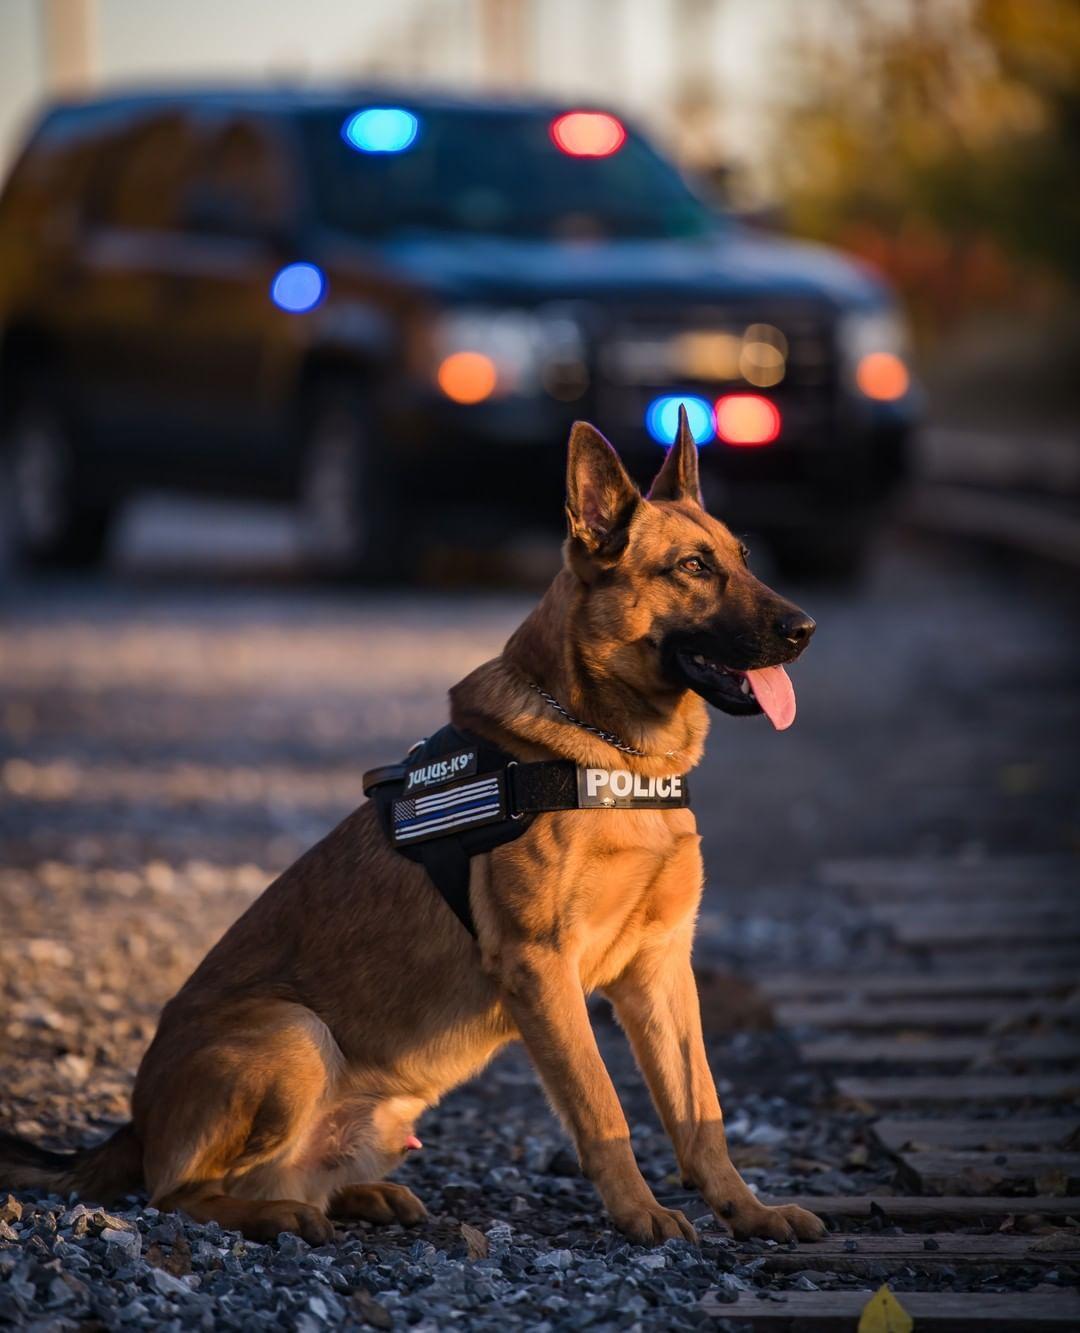 Pin By Sini On Koirat Ja Pennut In 2020 Dogs Of The World German Shepherd Puppies Grand Dog